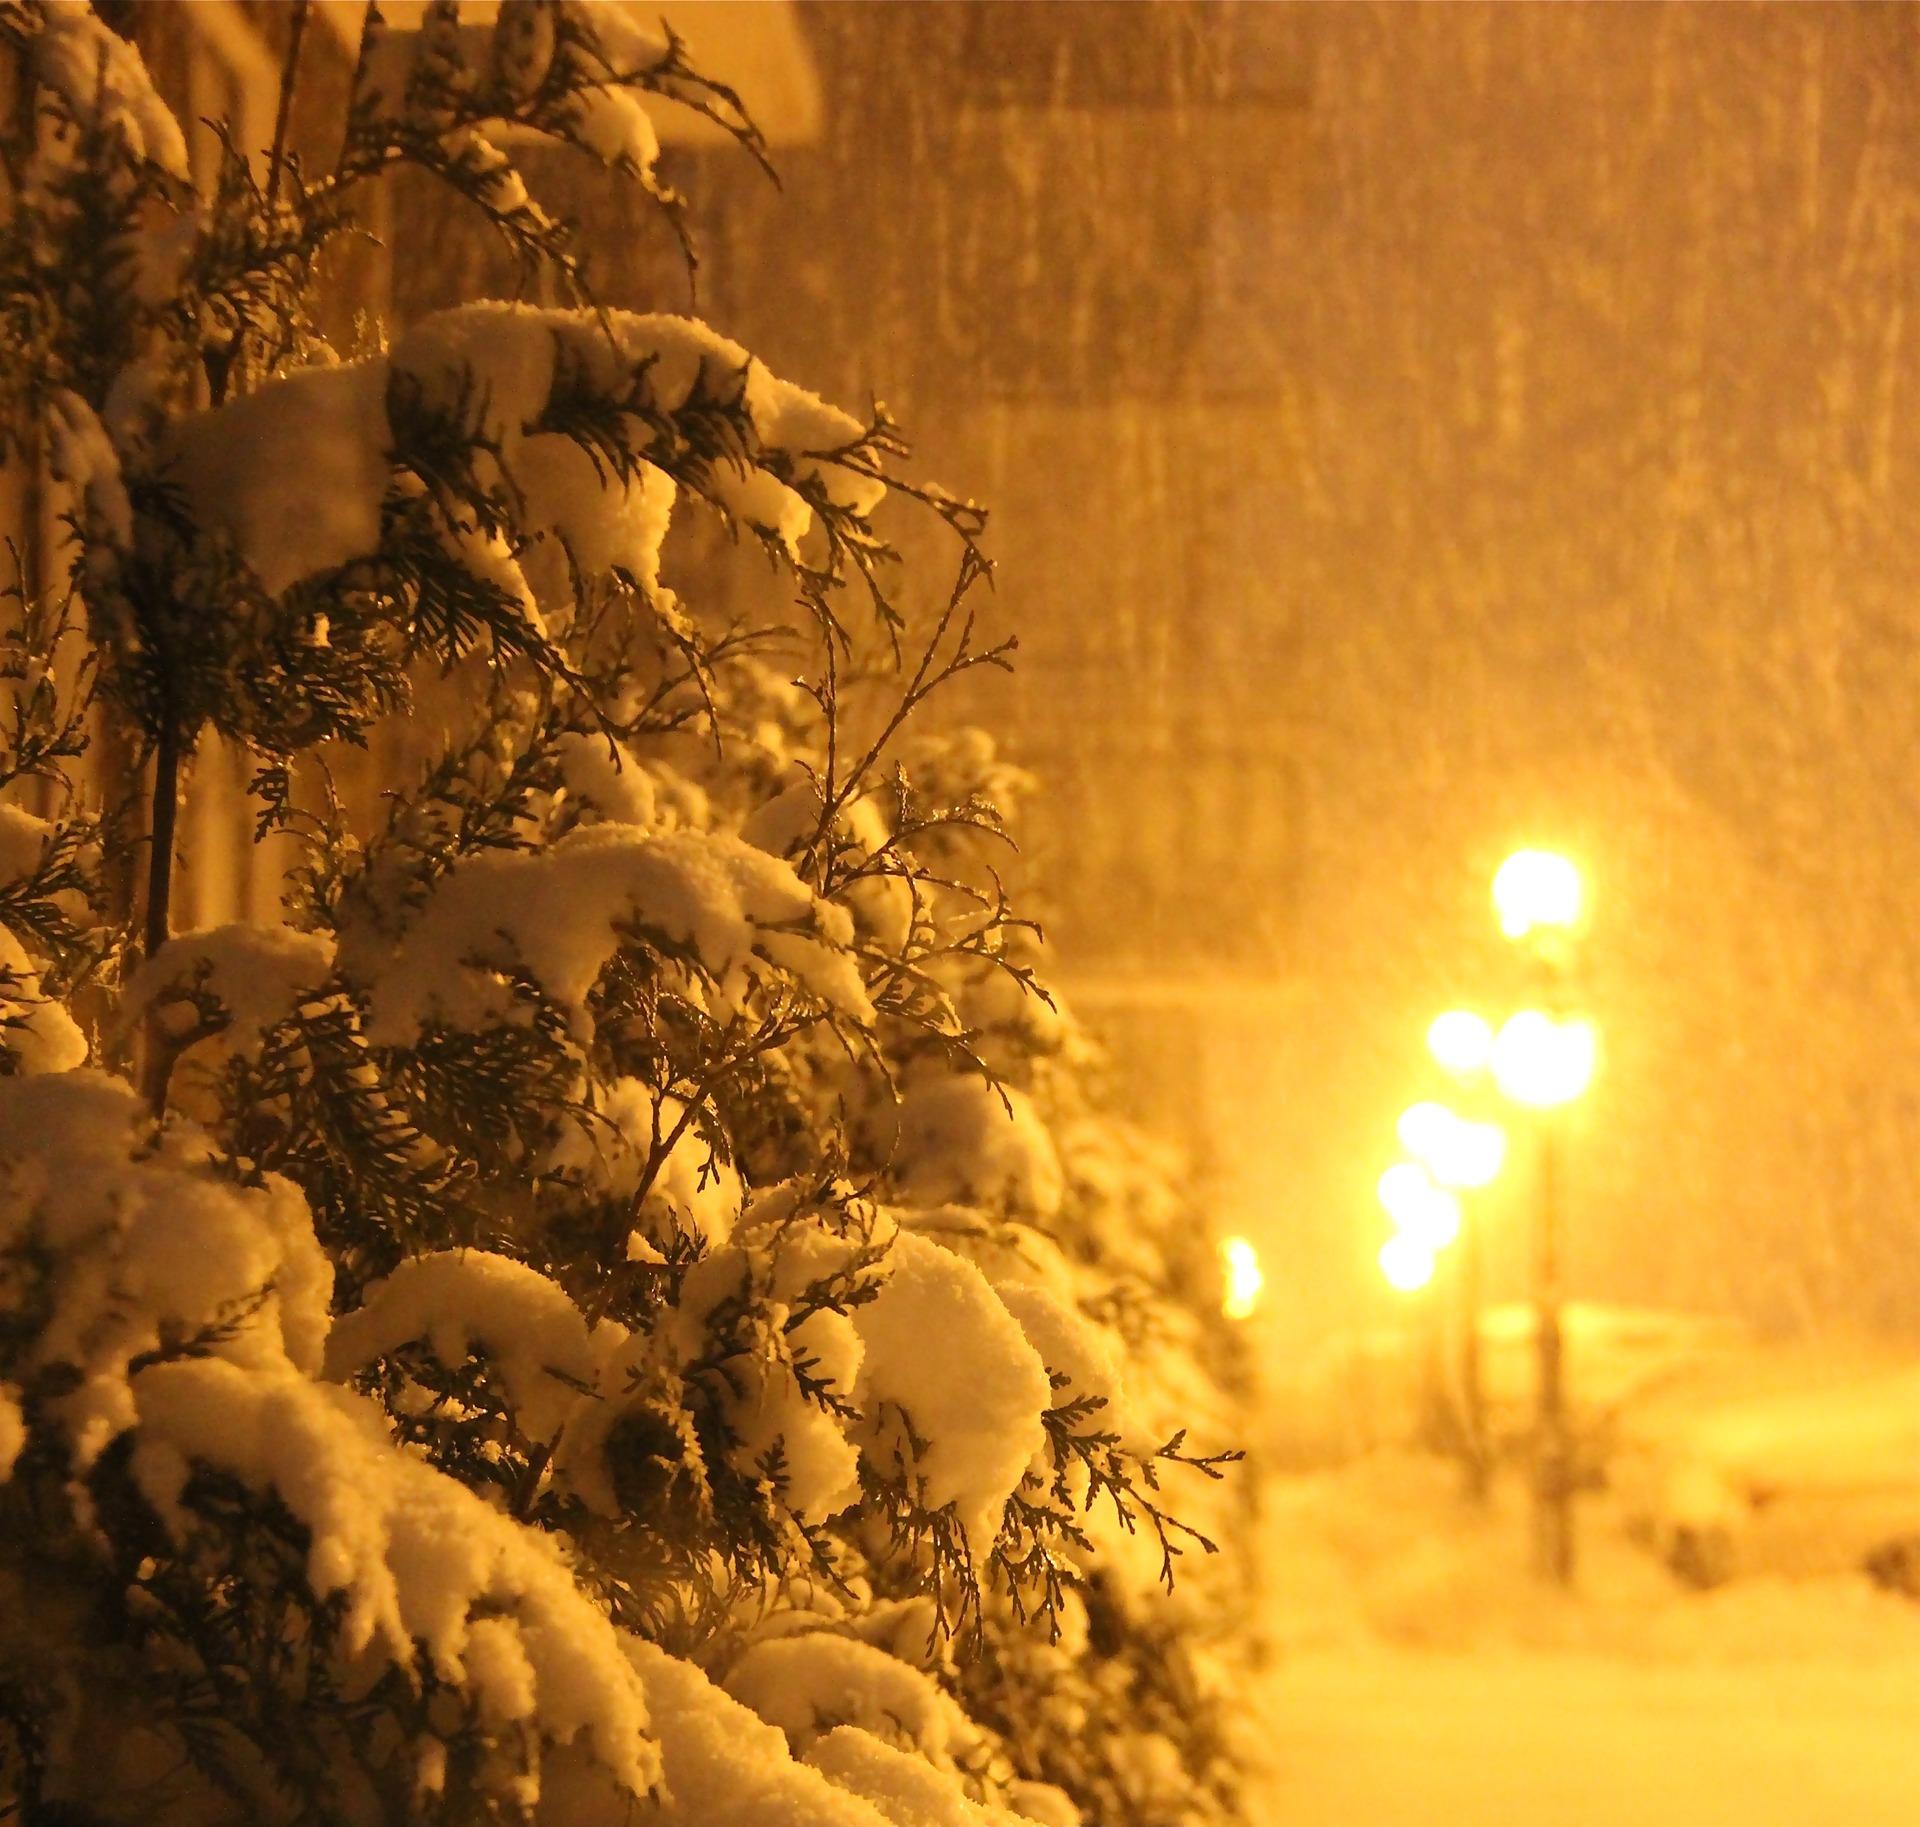 журнальные столики снег идет вечер картинки такими задачами